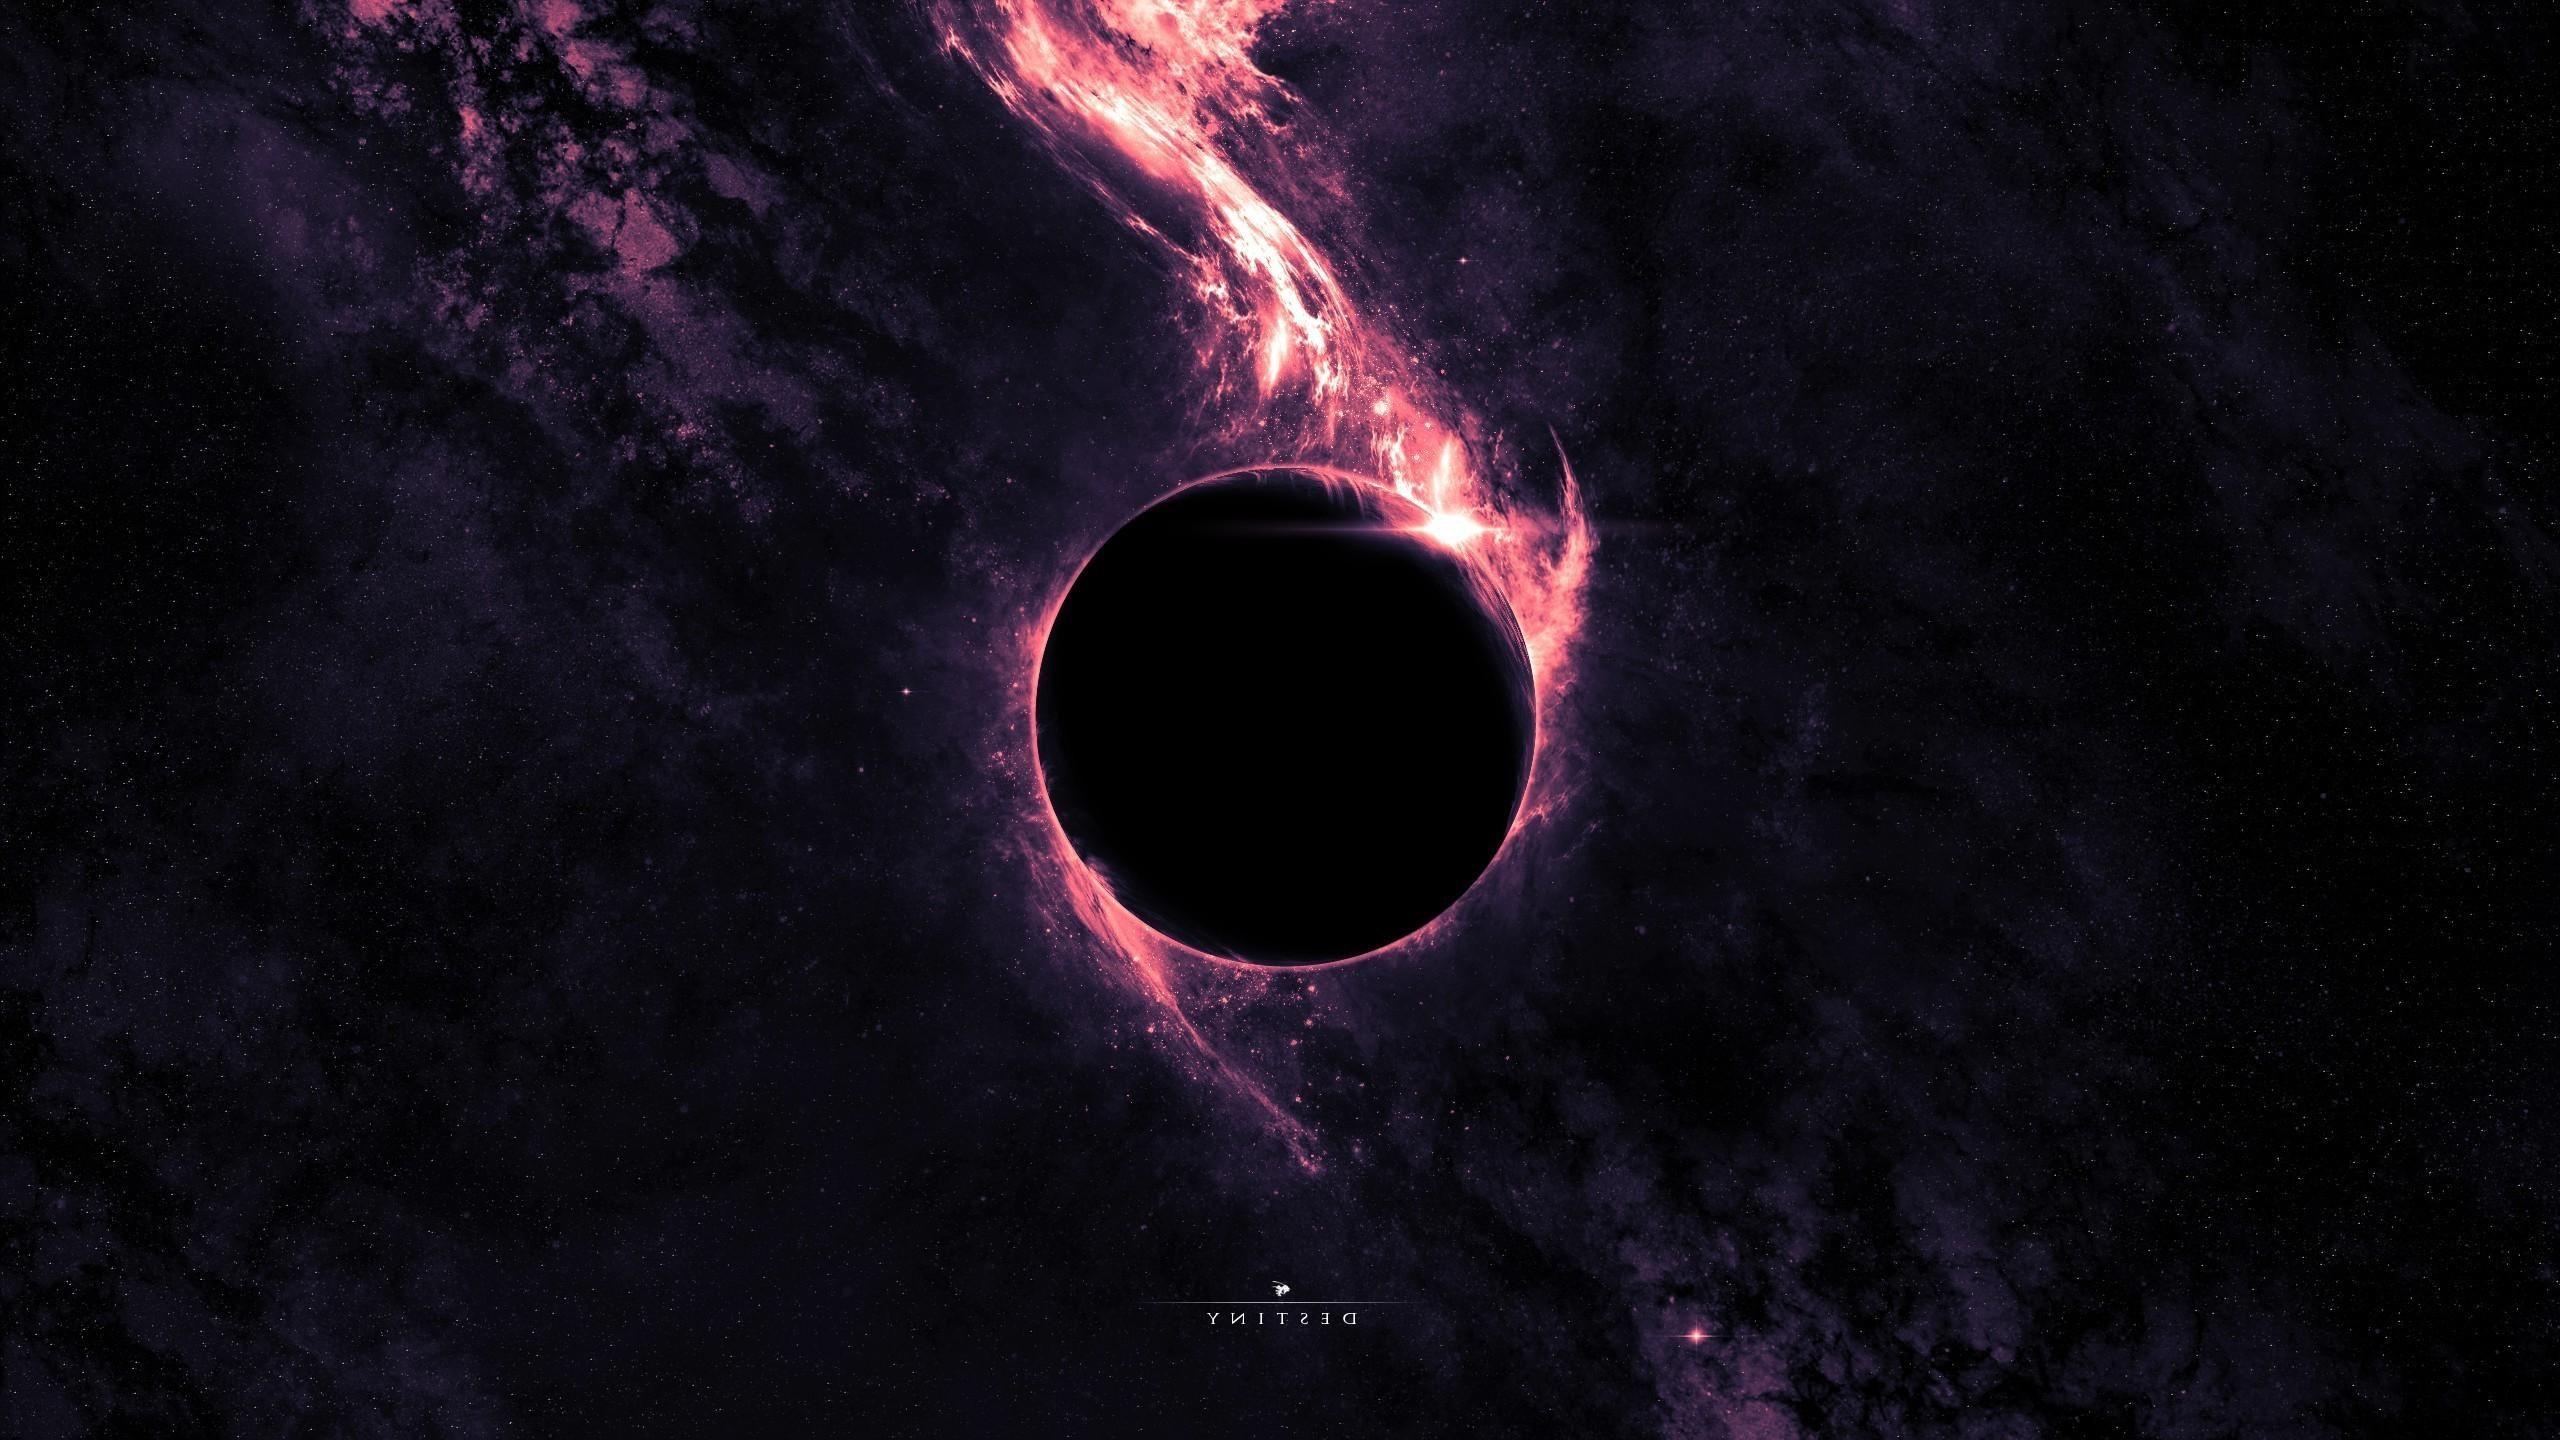 Space Dwarf Planet Purple Lighting Hd Wallpaper Black Hole Wallpaper Dark Purple Wallpaper Destiny Wallpaper Hd